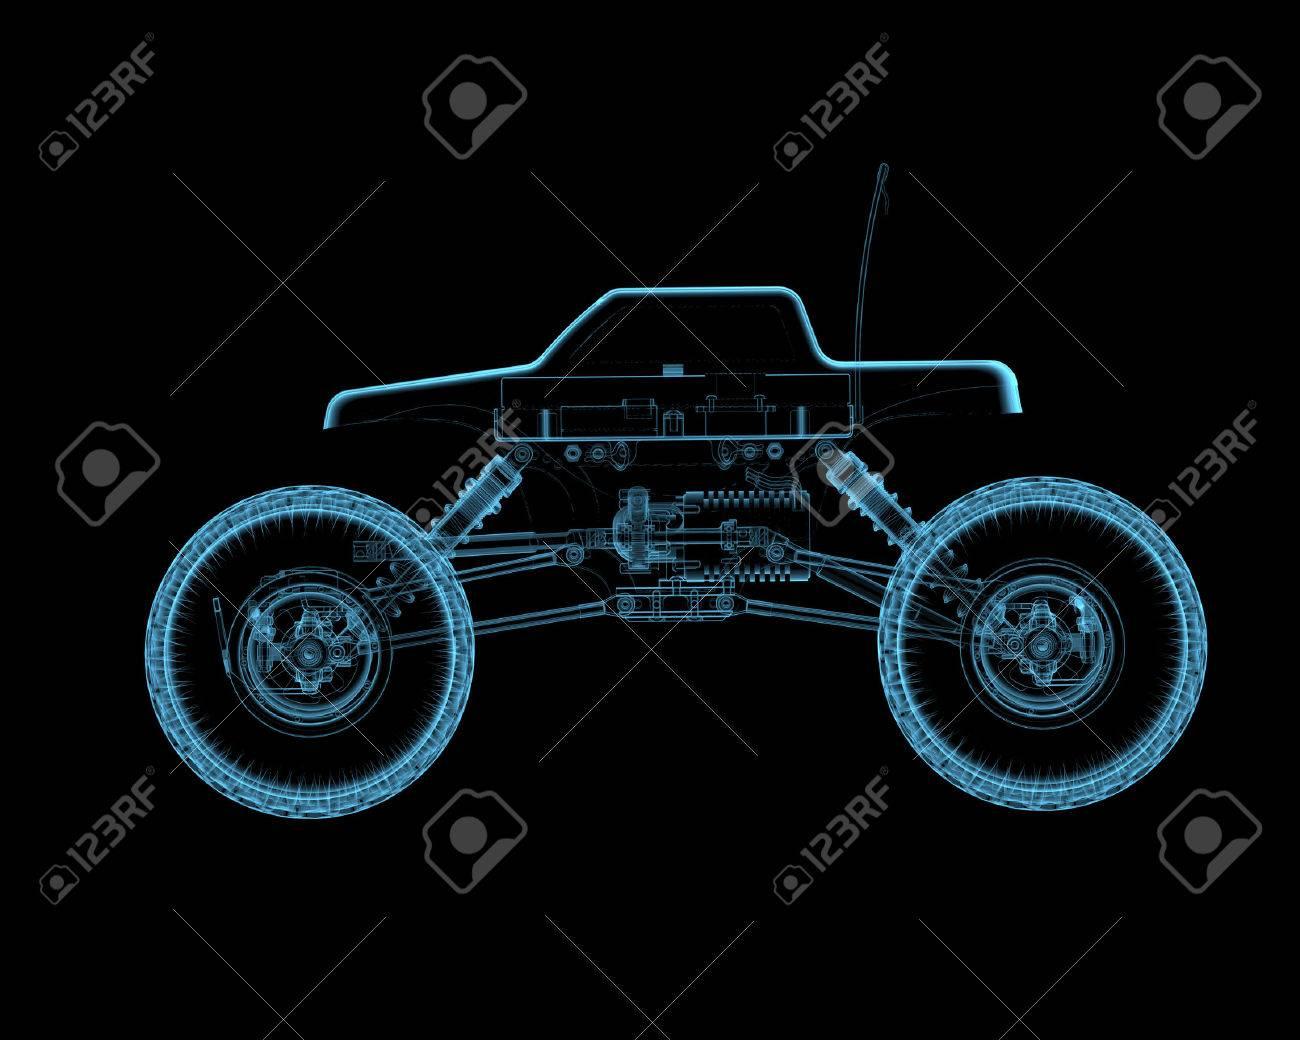 Rc Radiografía Transparente Juguete 3d Coche Azul DH2EW9I